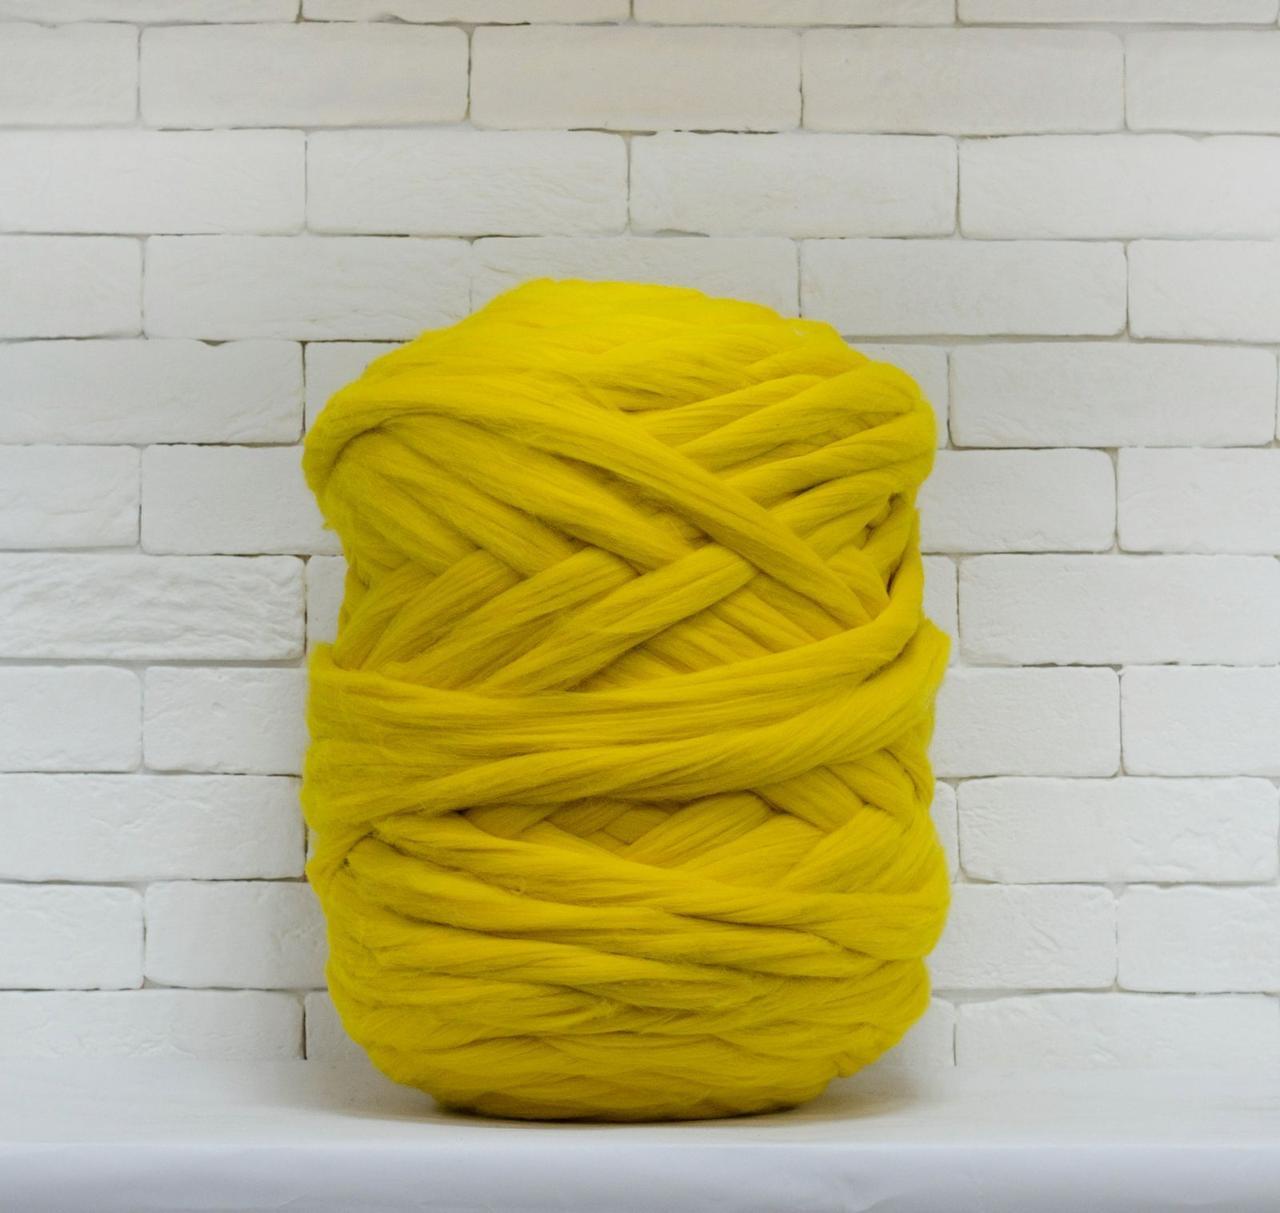 Толстая, крупная пряжа 100% шерсть мериноса 1кг (40м). Цвет: Лимон. 21-23 мкрн. Топс. Лента для пледов